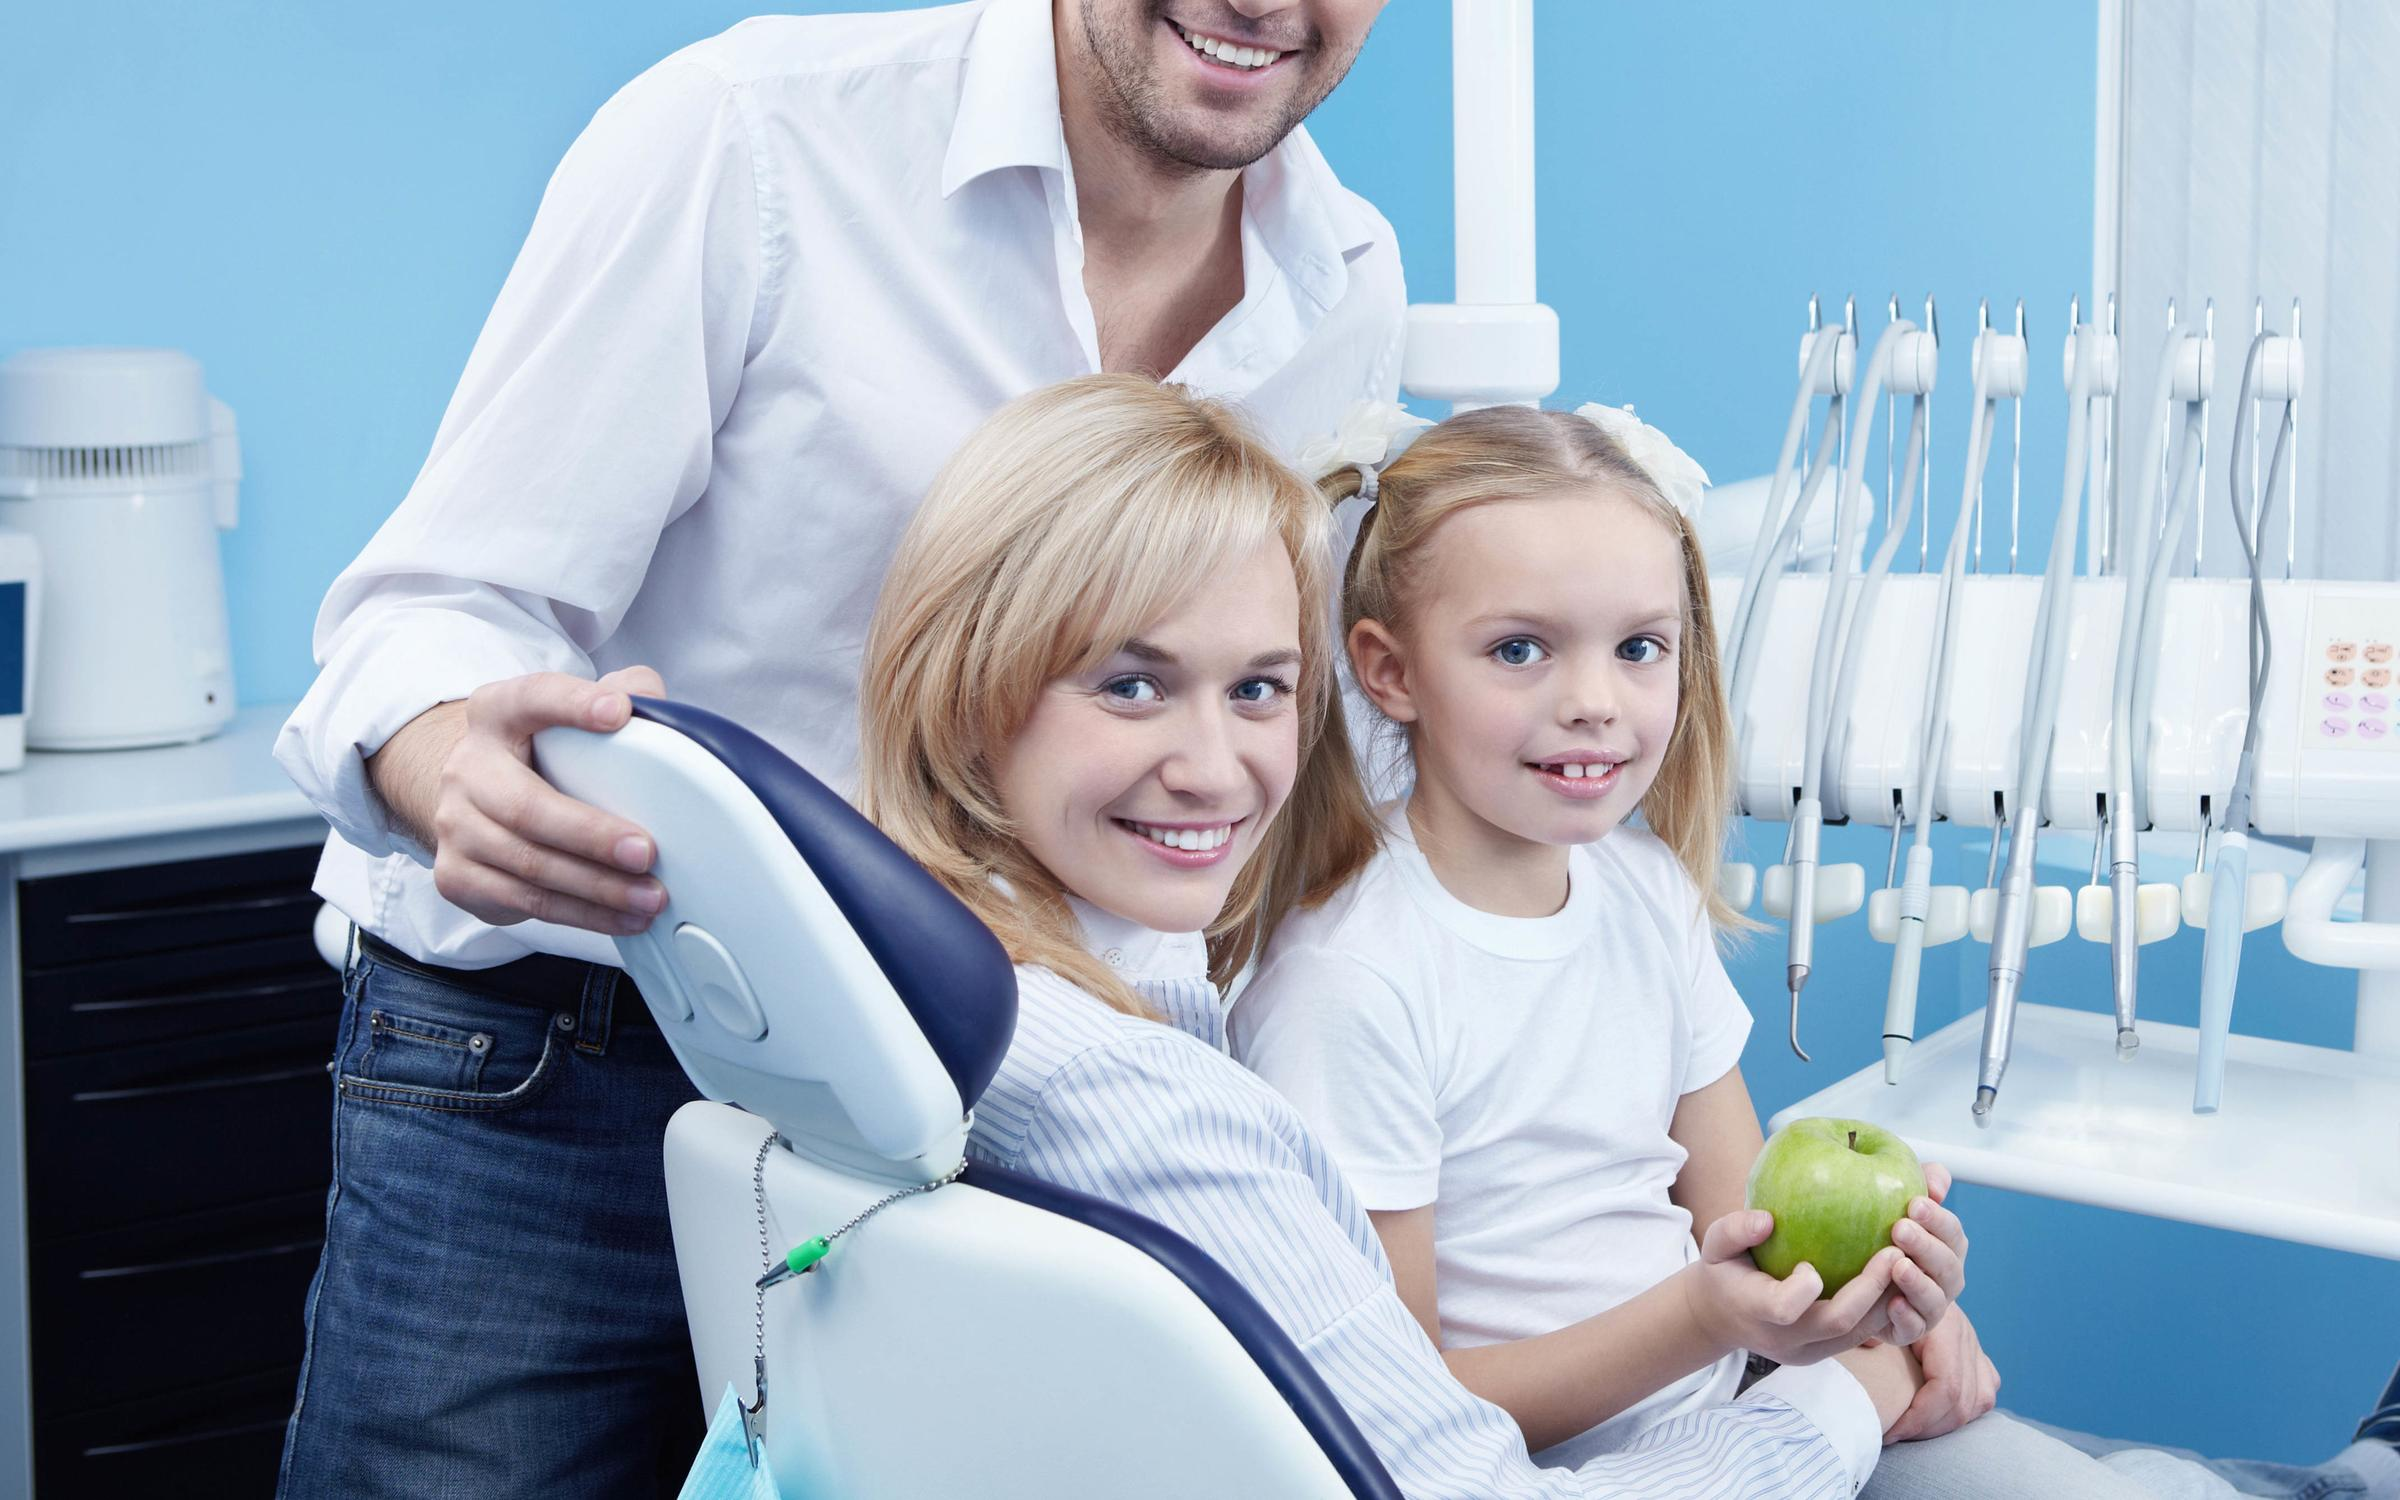 Улыбайтесь вместе с семейной стоматологией Династия